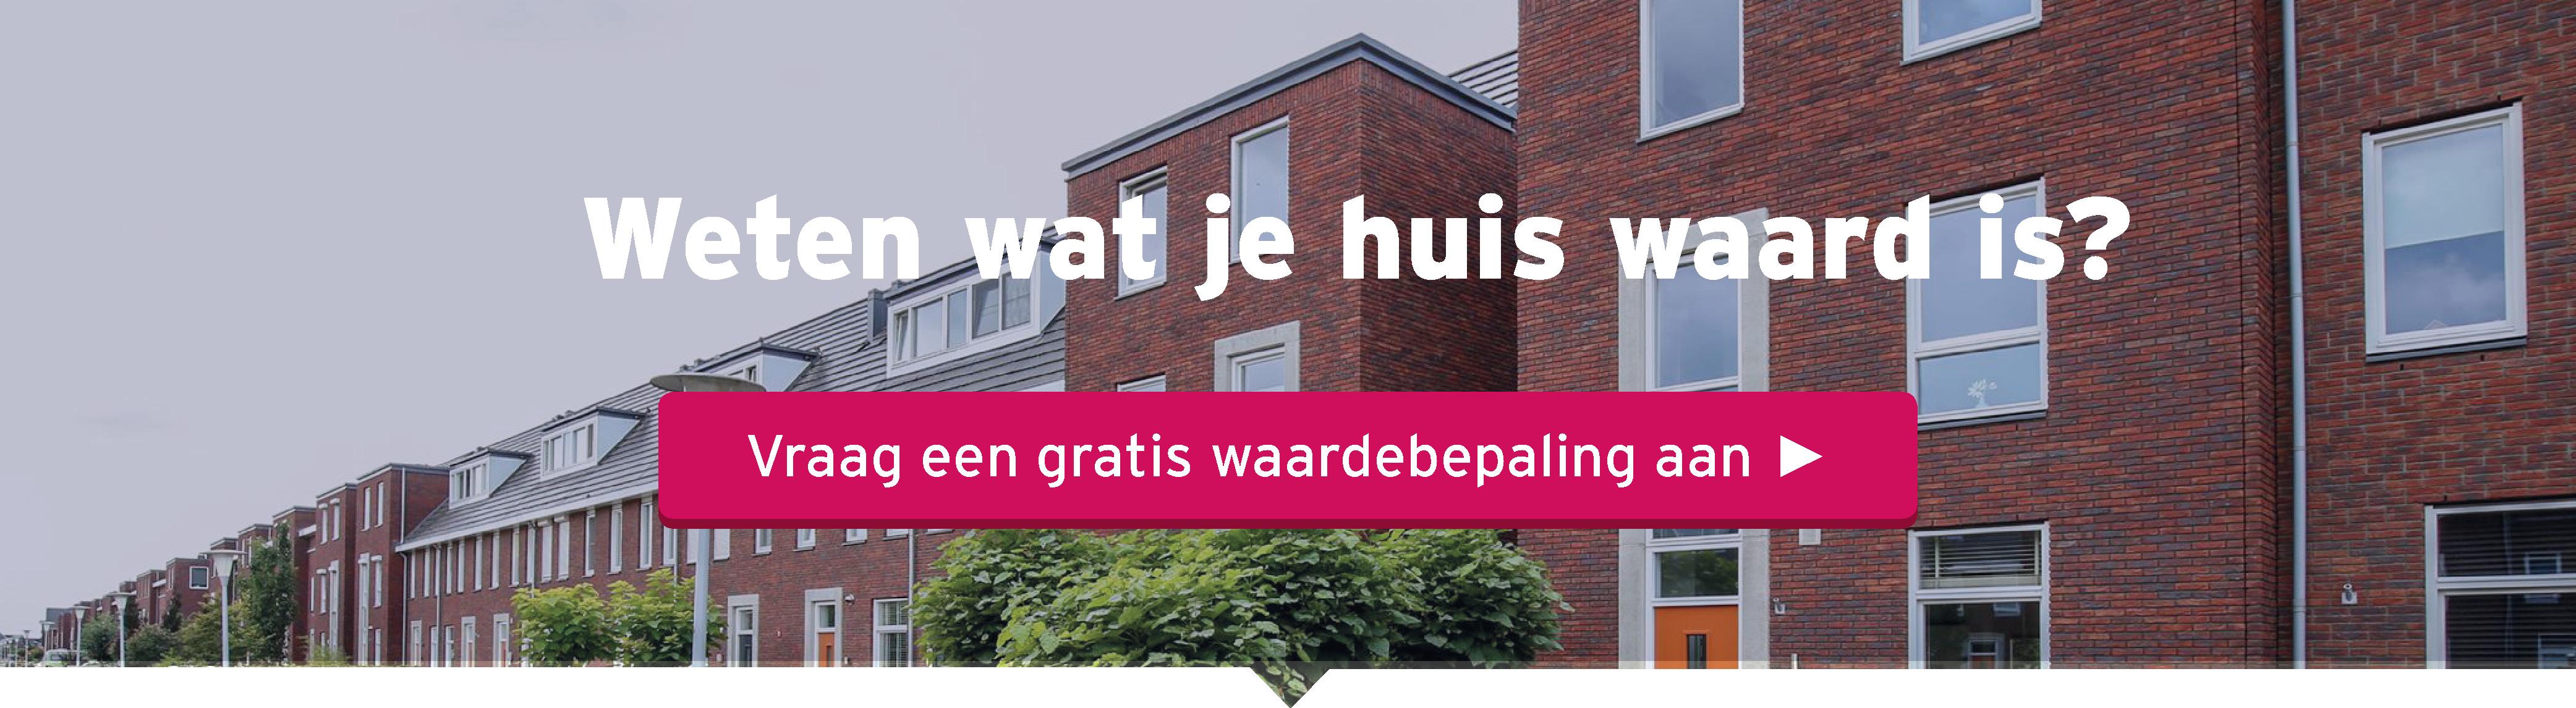 Weten wat je huis in Zwolle waard is? Vraag een gratis waardebepaling aan